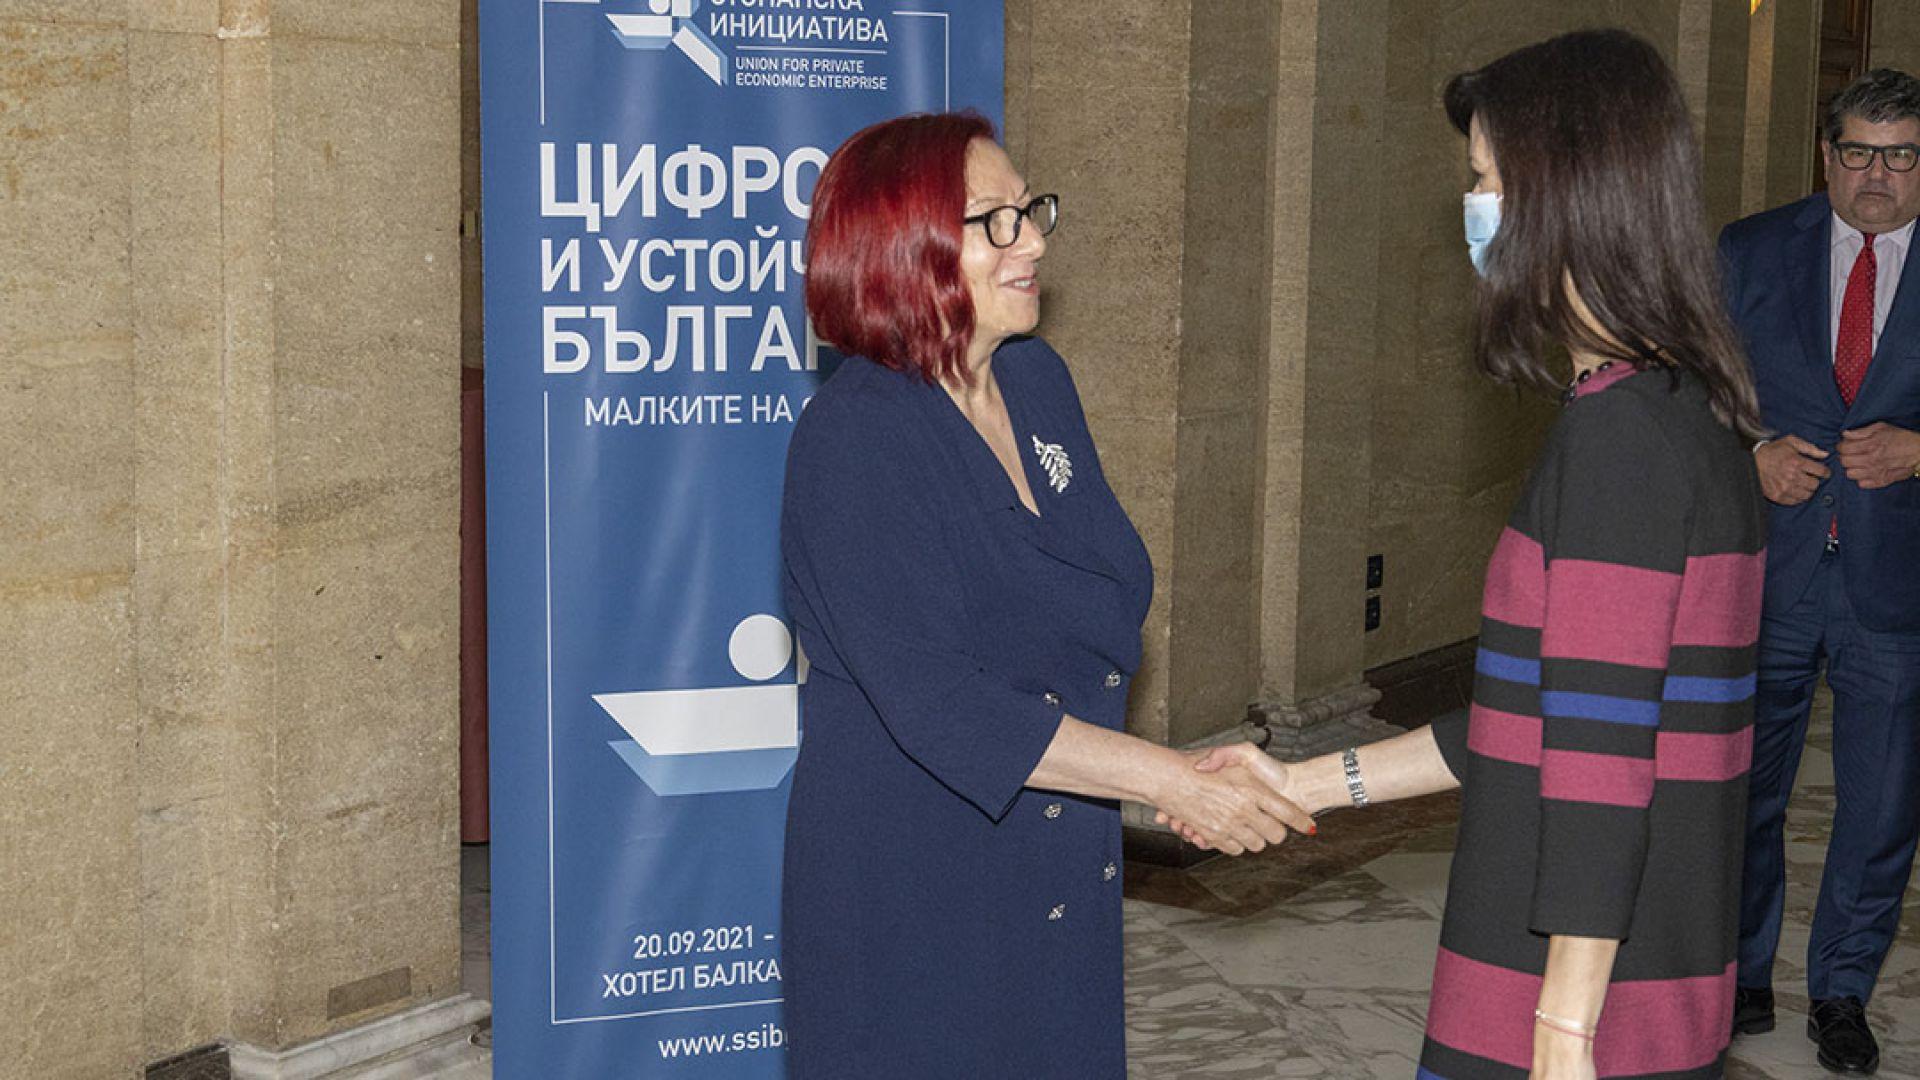 Международна кръгла маса в София по темите дигитализация и киберсигурност